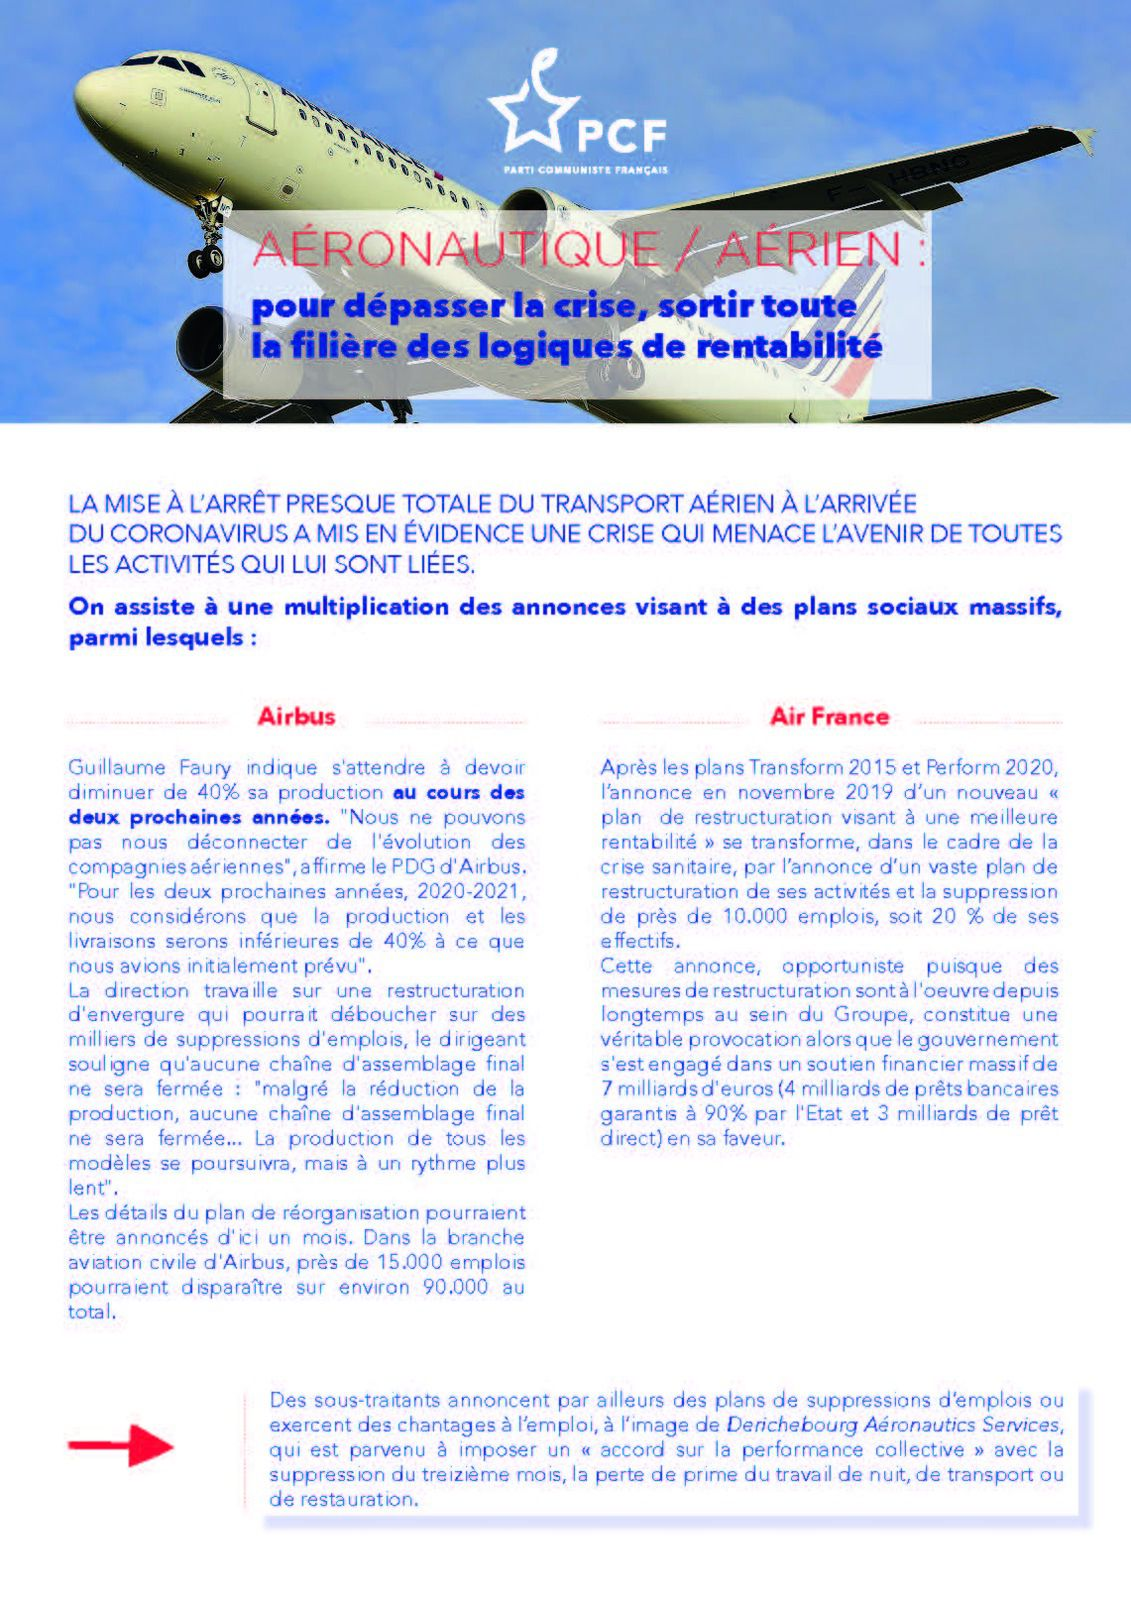 PCF - Aéronautique / aérien : Pour dépasser la crise, sortir des logiques de rentabilités